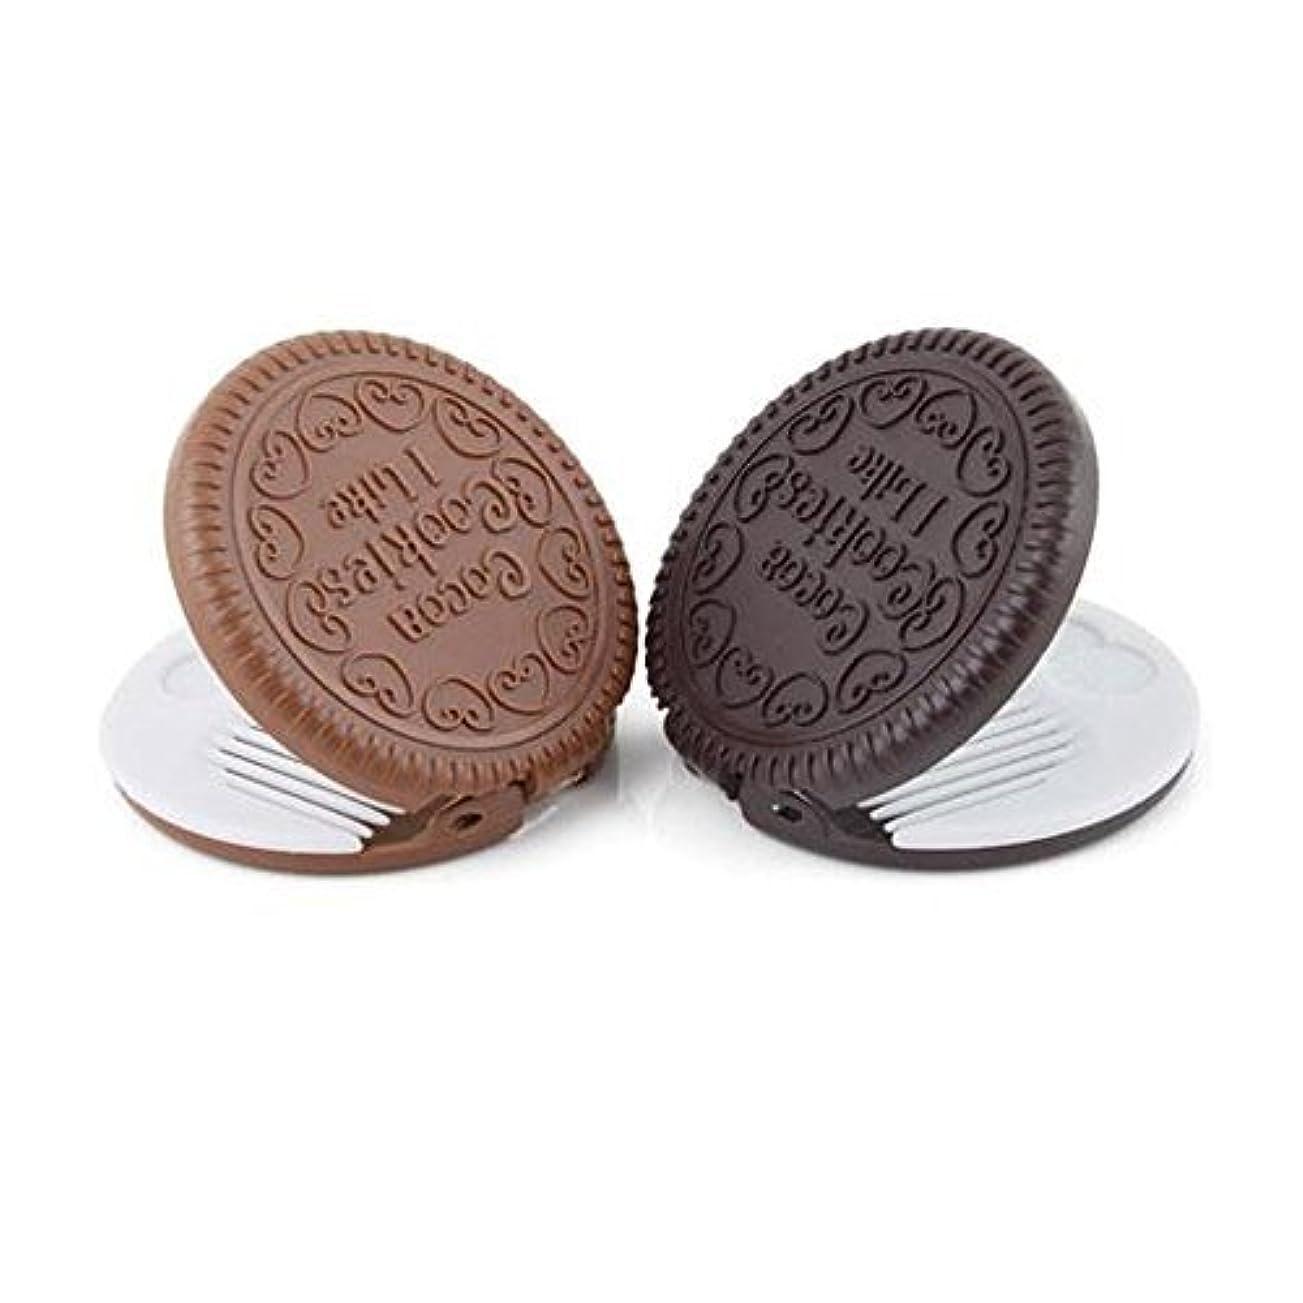 書誌触手安西yueton Pack of 2 Mini Pocket Chocolate Cookie Compact Mirror with Comb [並行輸入品]